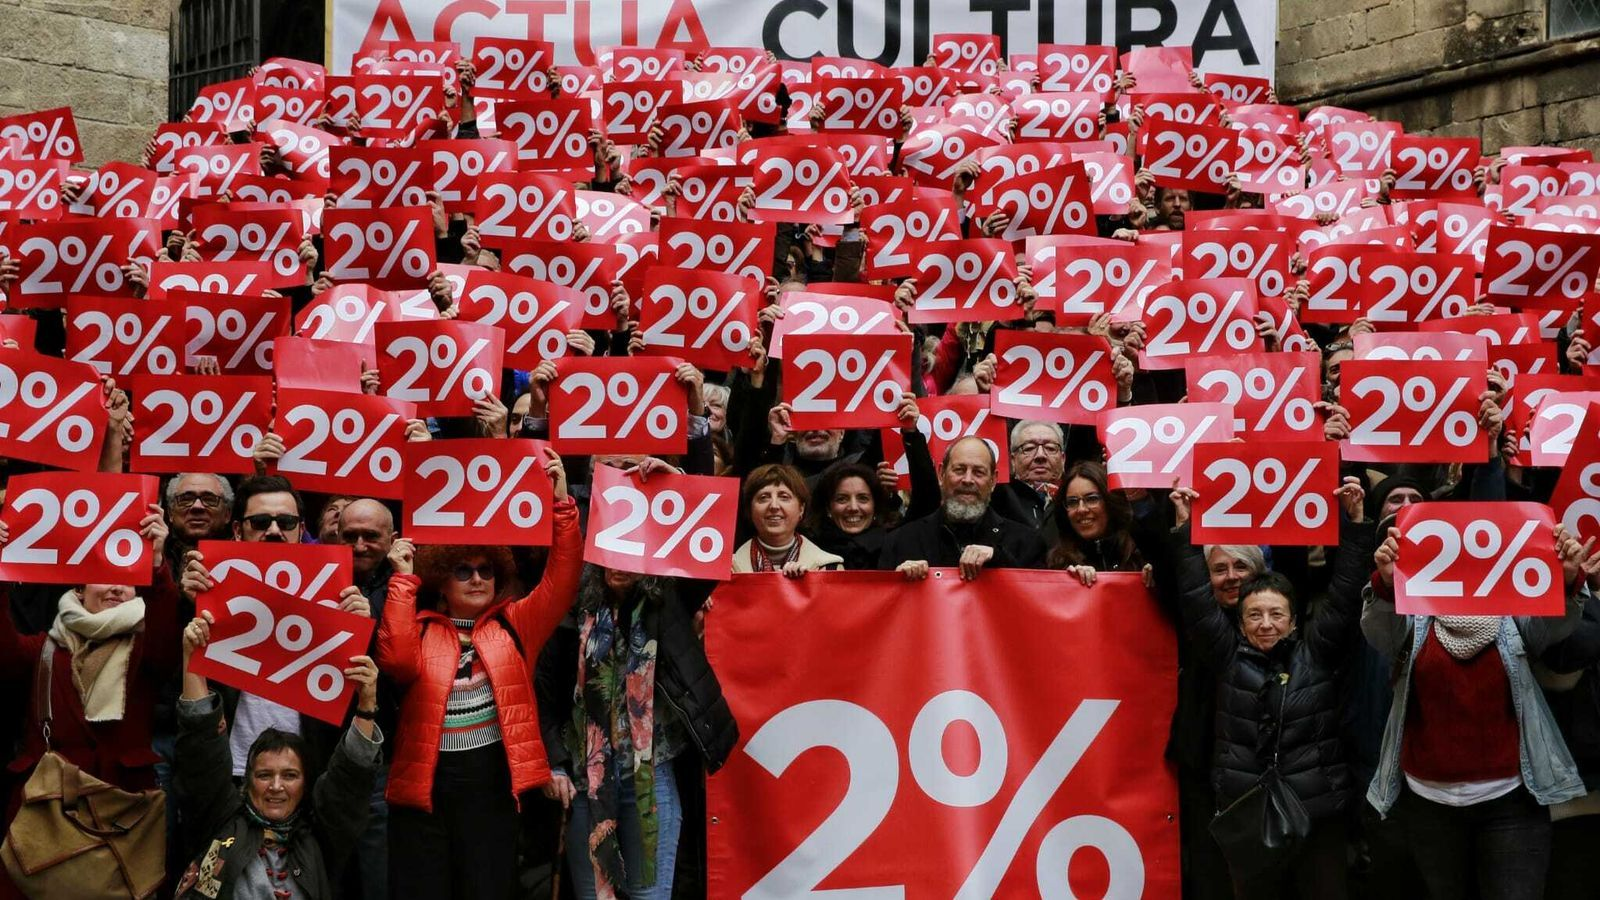 Uma imatge de l'acció de protesta de la plataforma Actua cultura a la plaça del Rei de Barcelona el 9 de març de 2020.